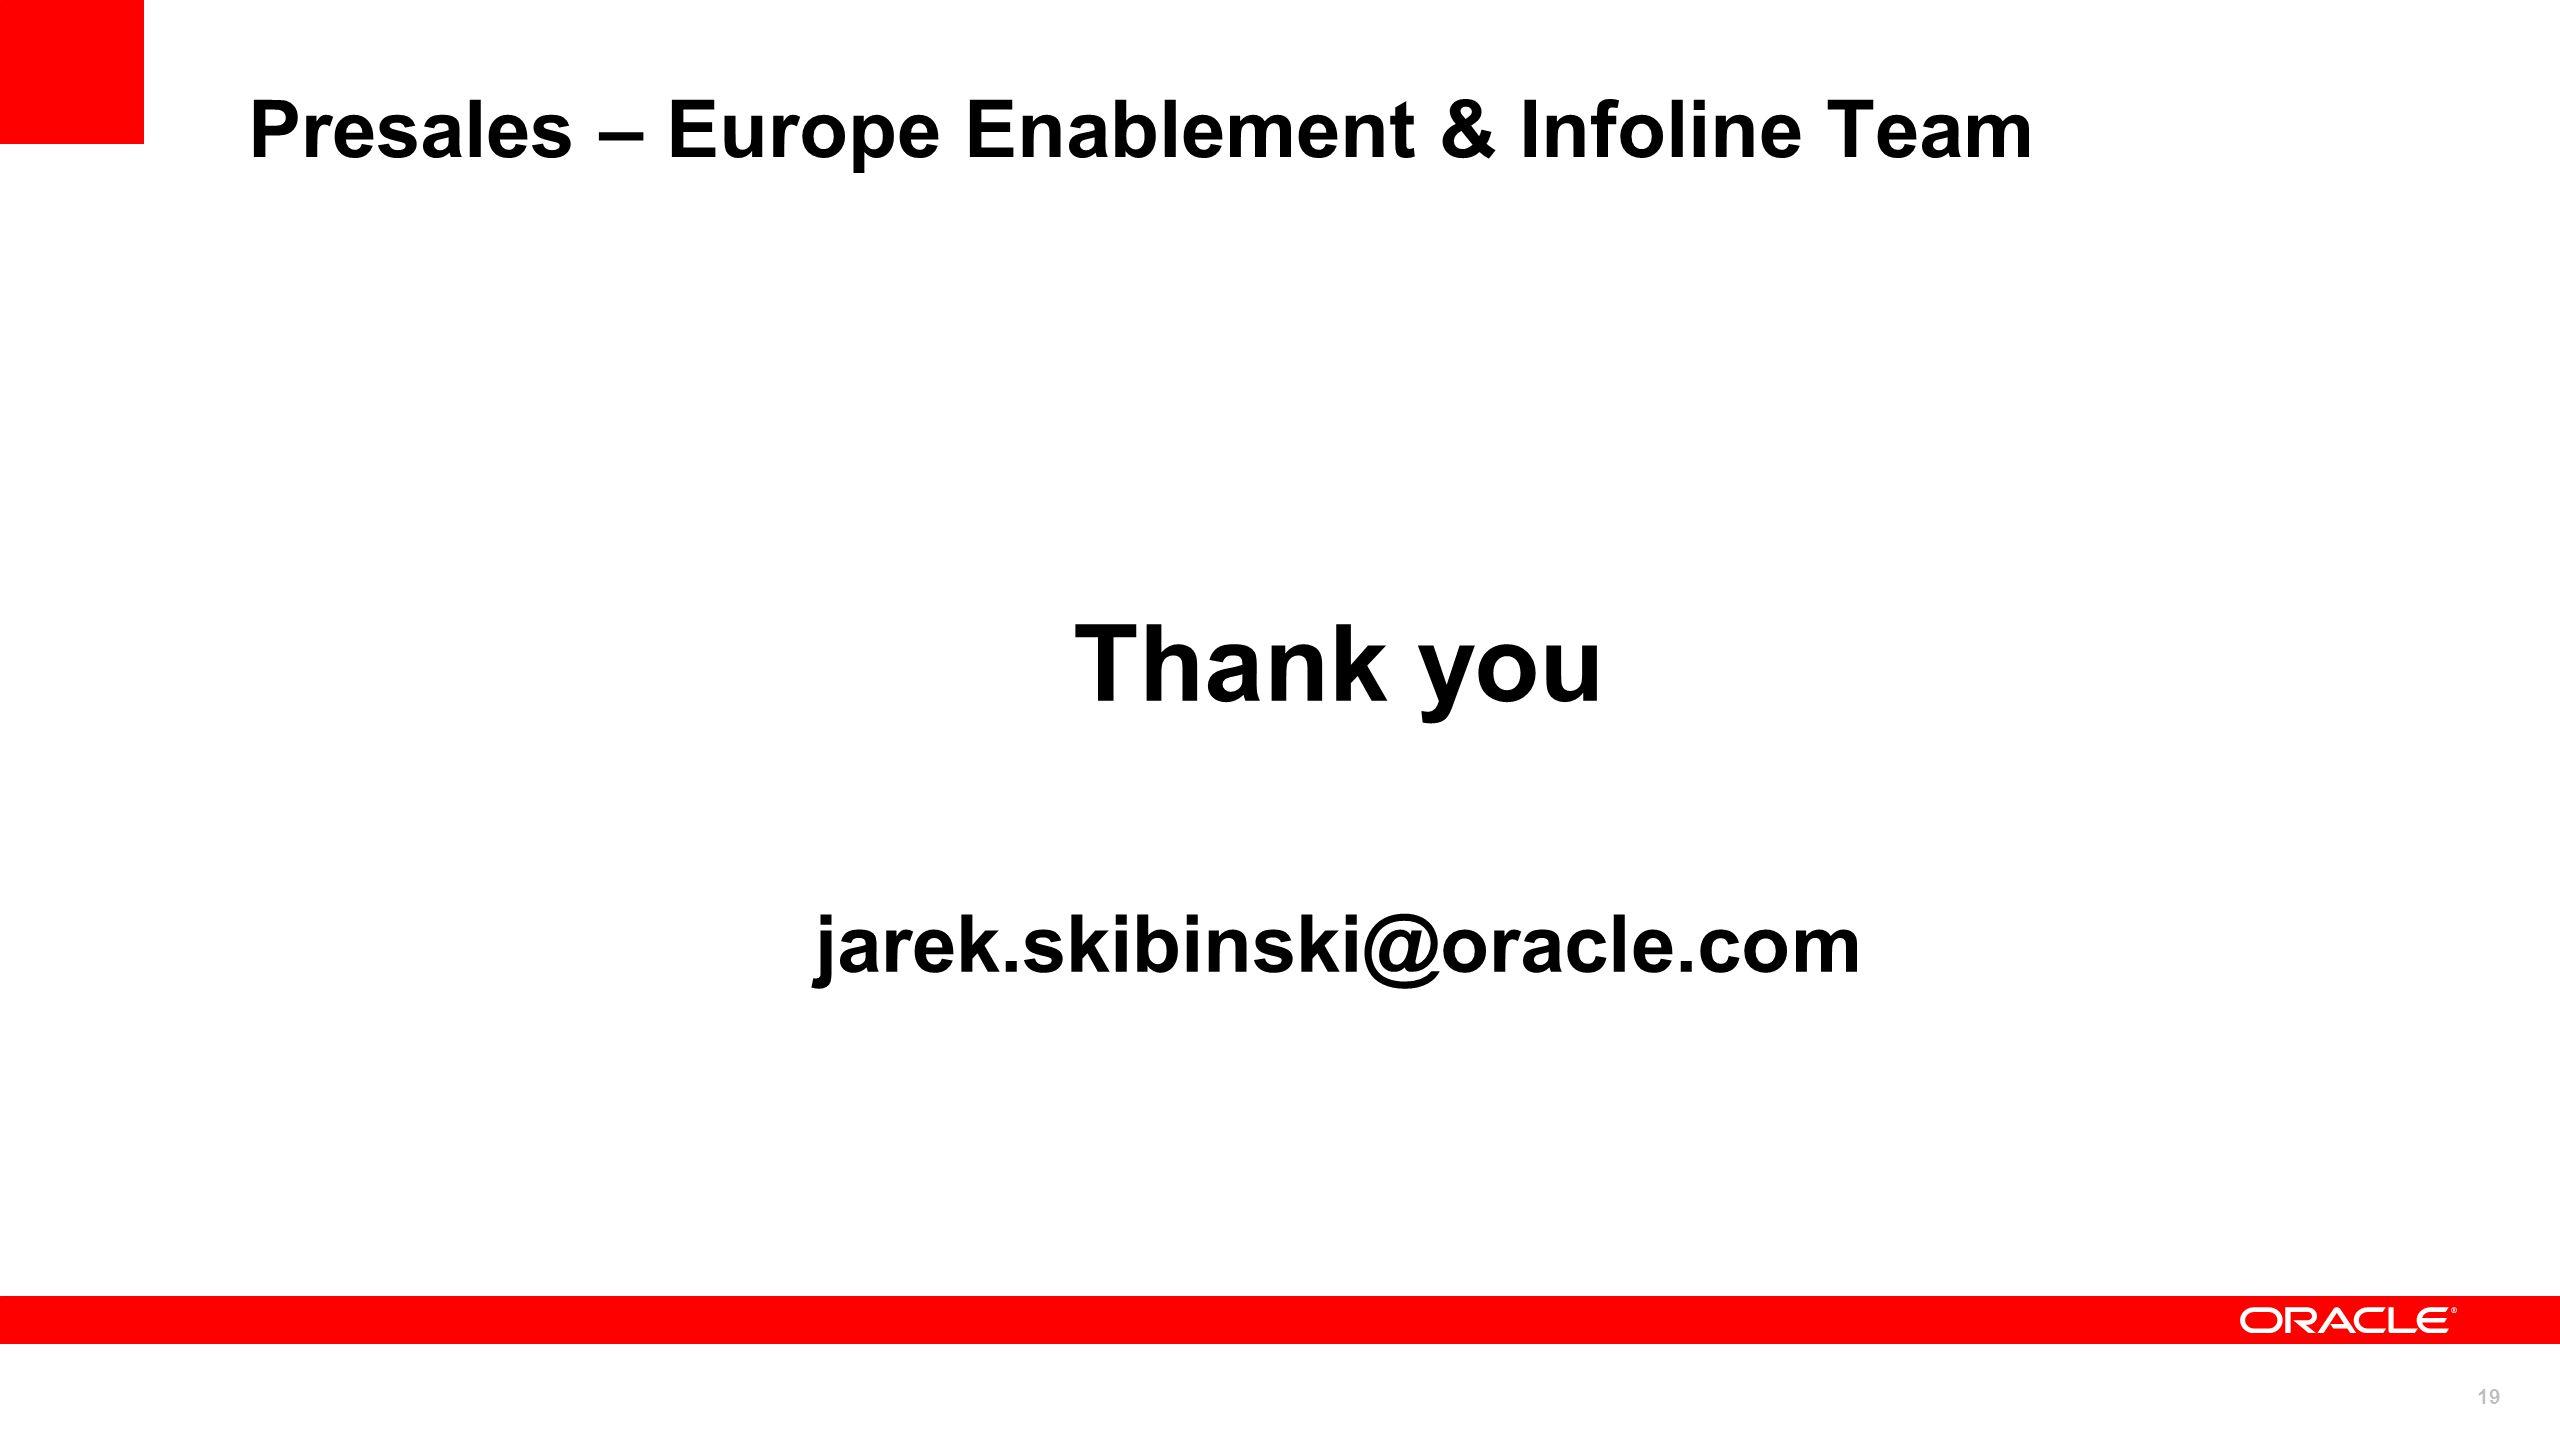 19 Presales – Europe Enablement & Infoline Team Thank you jarek.skibinski@oracle.com